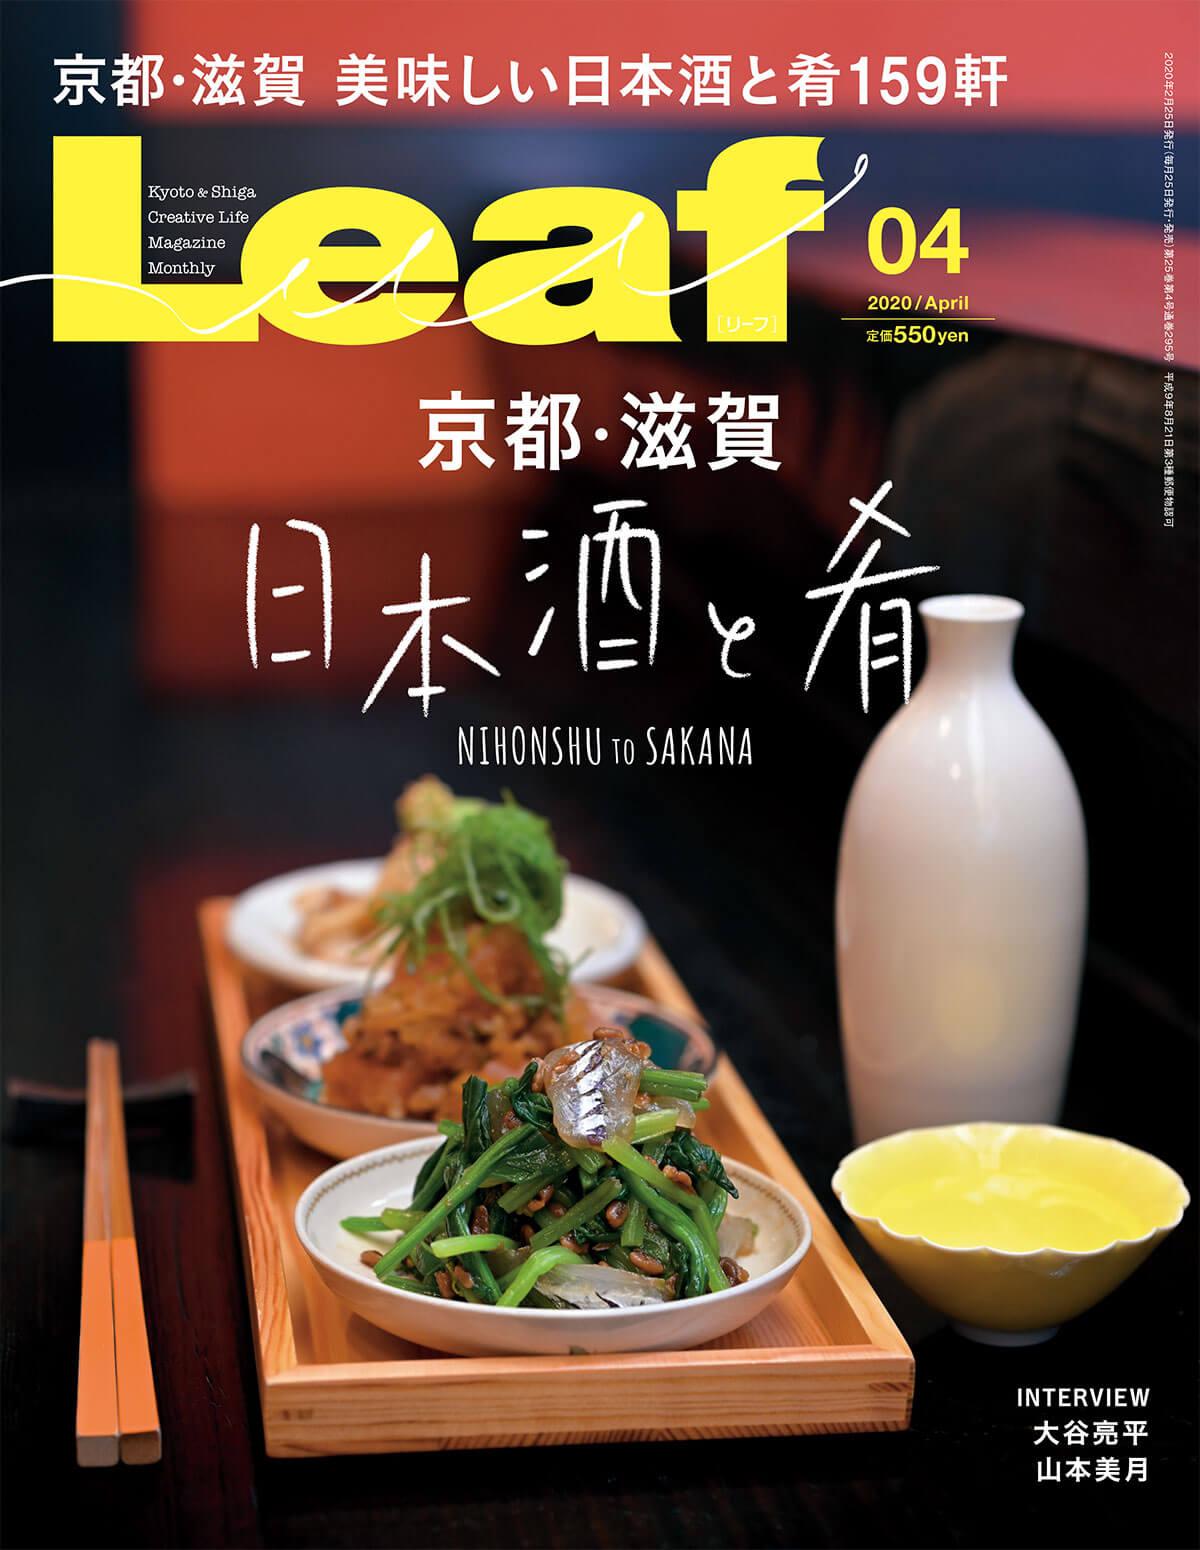 Leaf - 京都・滋賀 日本酒と肴